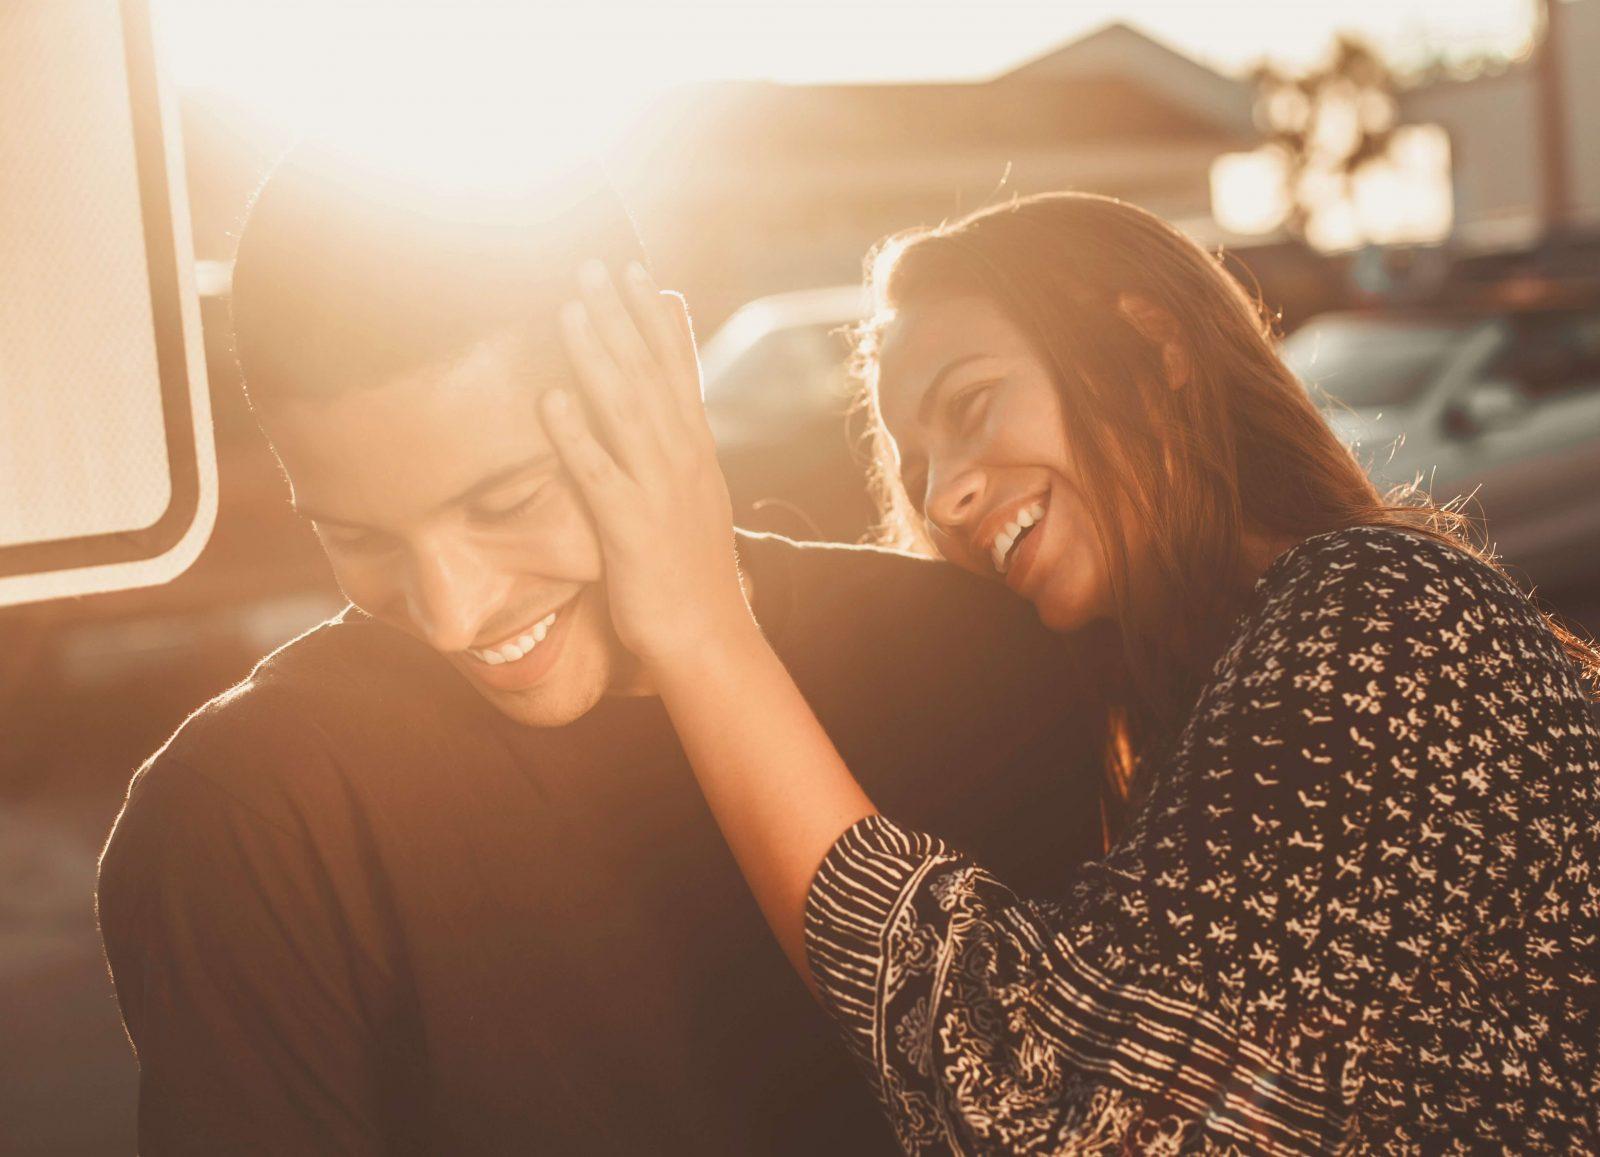 140 Legendas para Fotos de Casal. A #119 é a mais romântica, concorda?